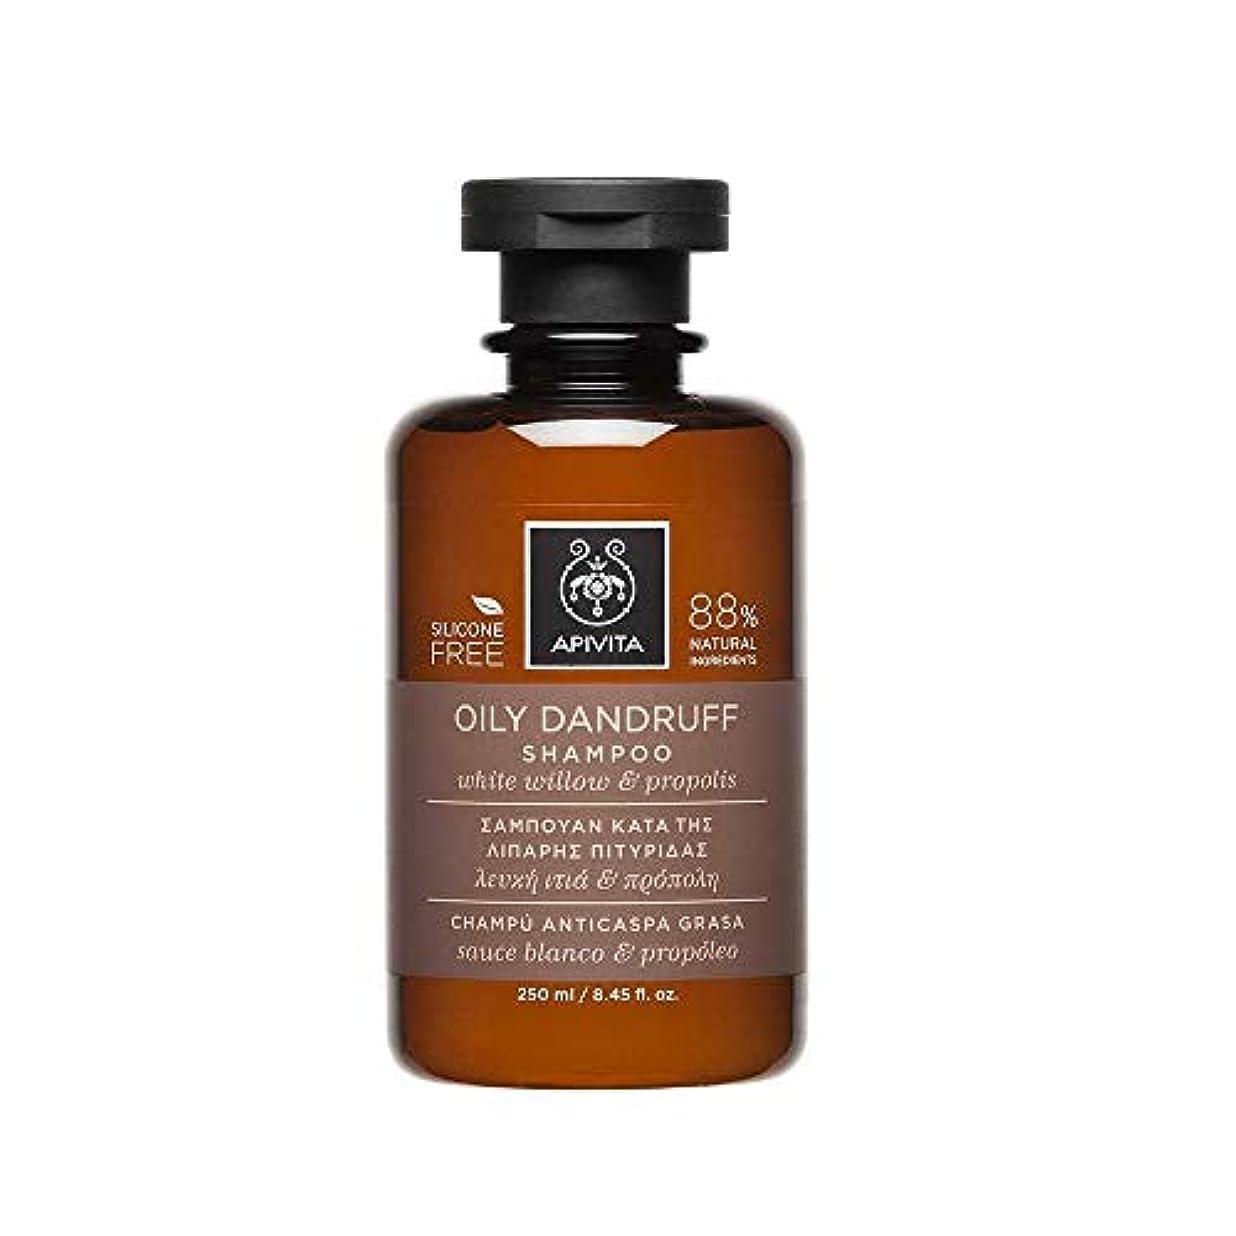 パートナー運ぶリングアピヴィータ Oily Dandruff Shampoo with White Willow & Propolis (For Oily Scalp) 250ml [並行輸入品]